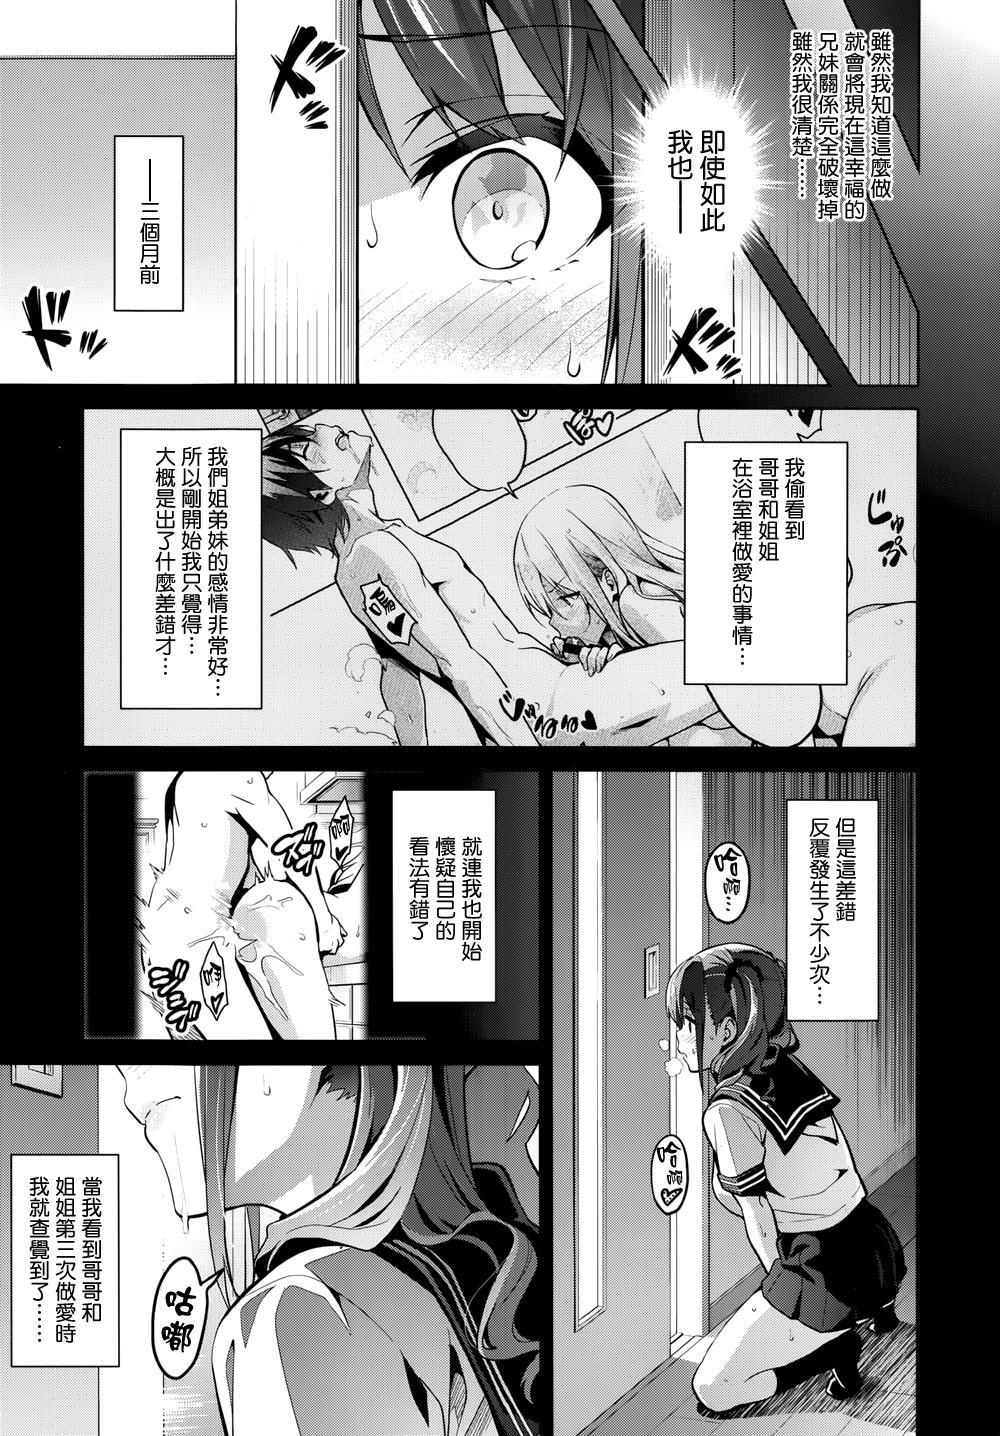 [武田弘光] シスタ ブリーダ~大宮家(妹)の秘め事~(COMIC X-EROS #20) [天鵝之戀漢化](chinese) 2